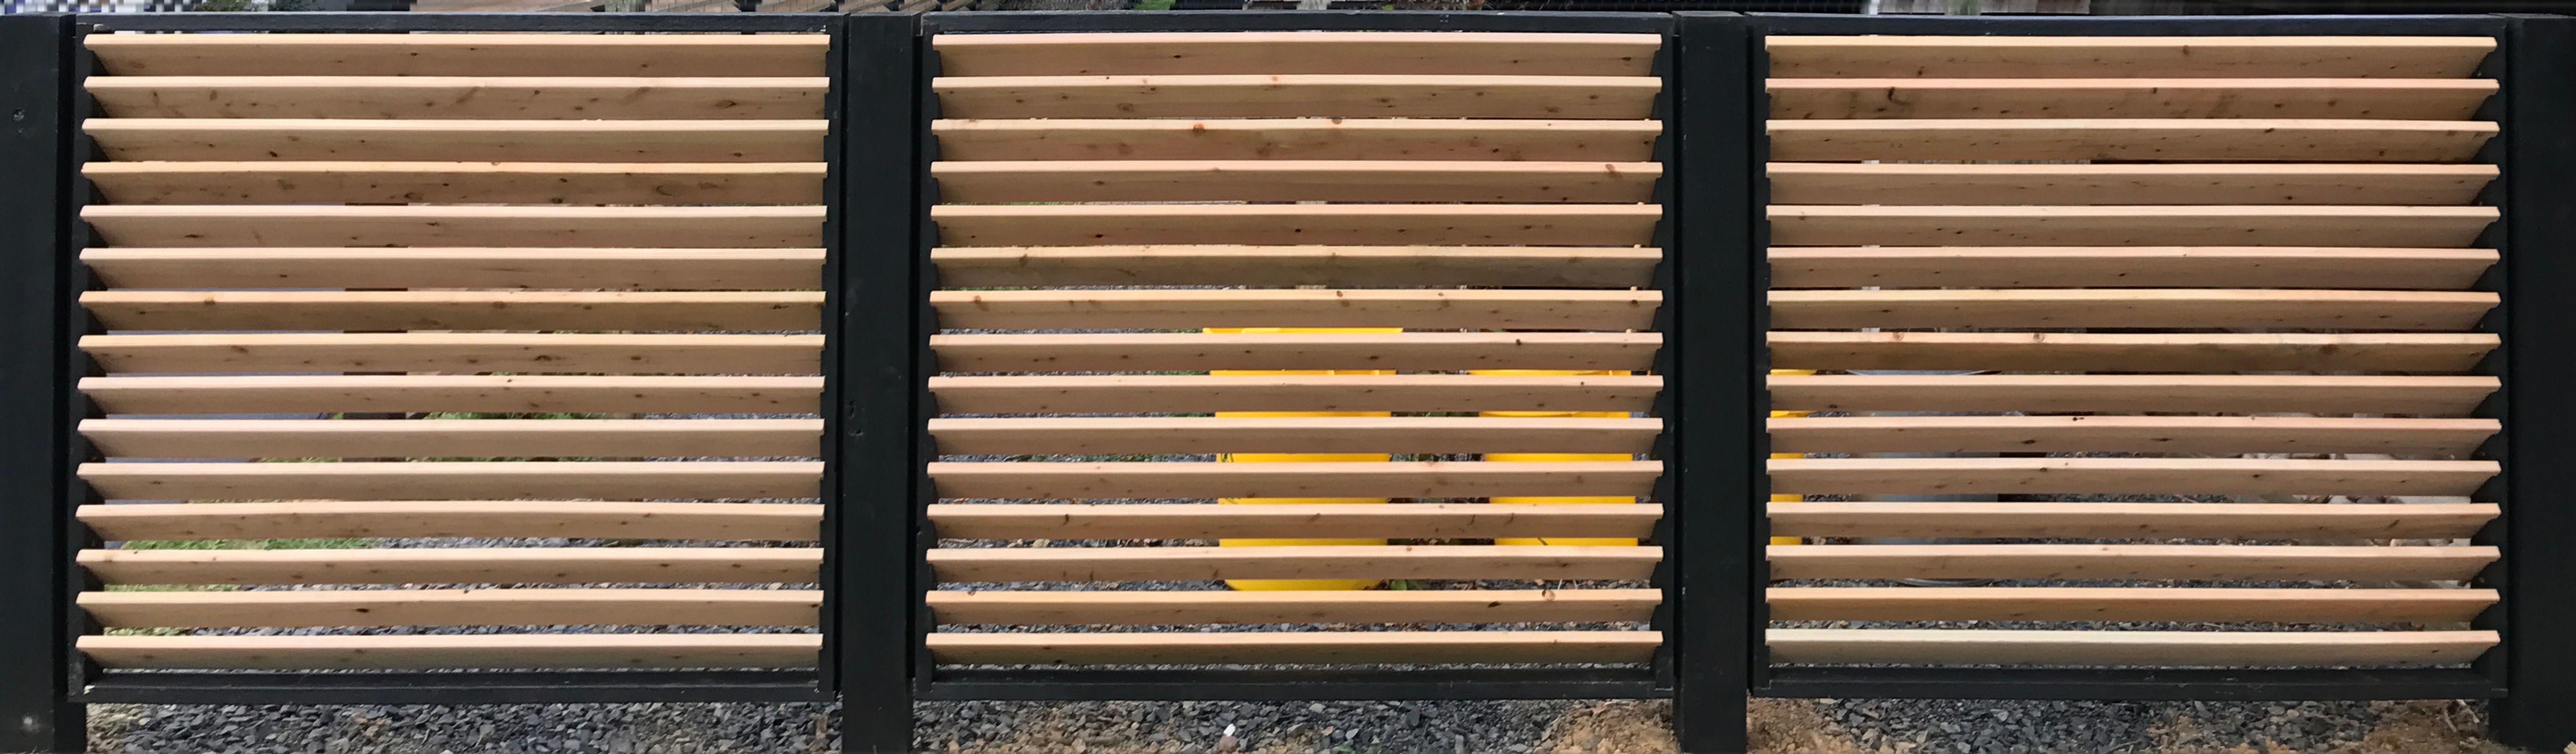 fence cedar horizontal slat